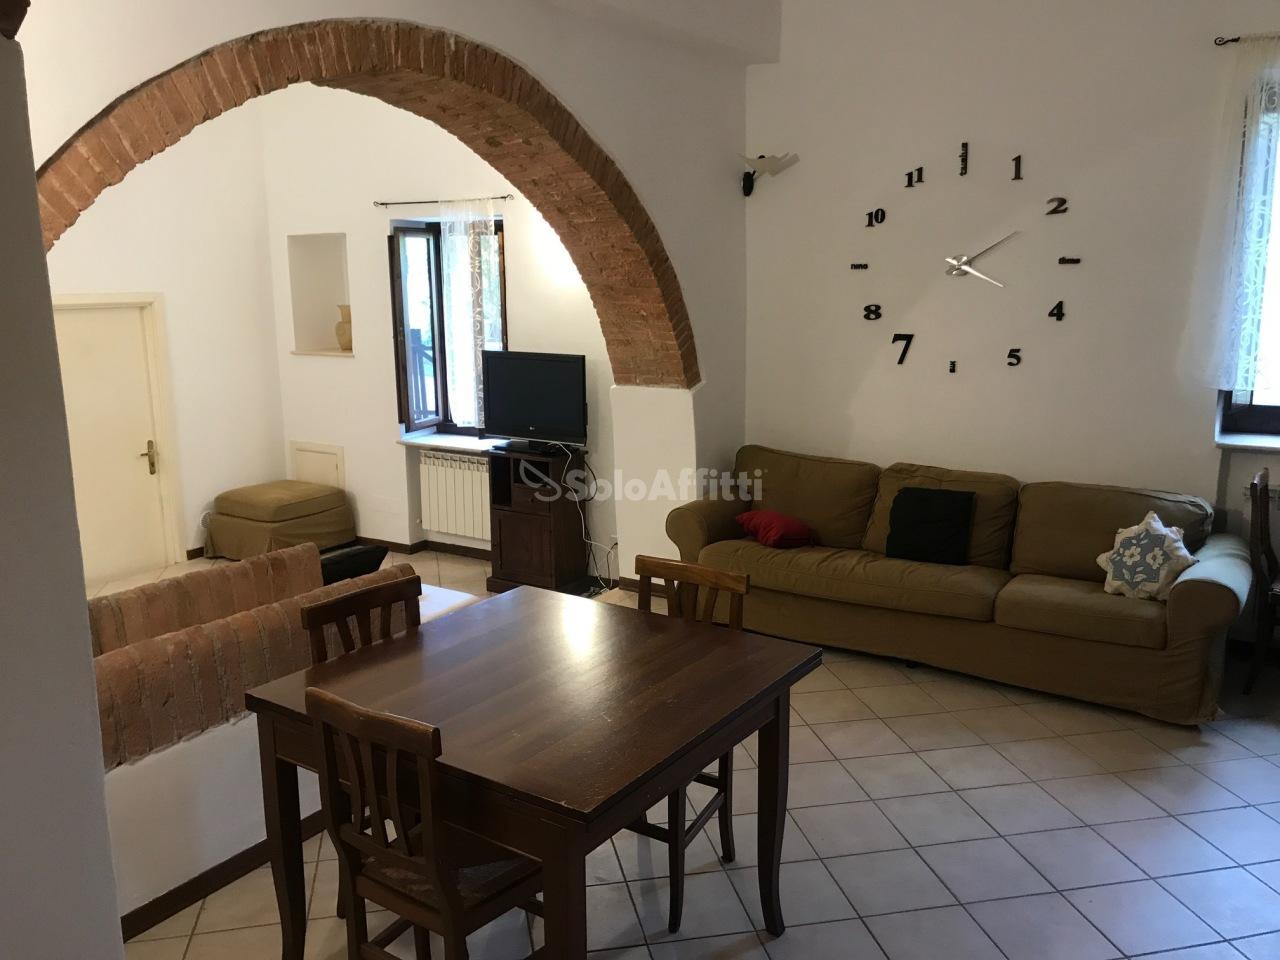 Appartamento - Bilocale a Montalbuccio, Siena